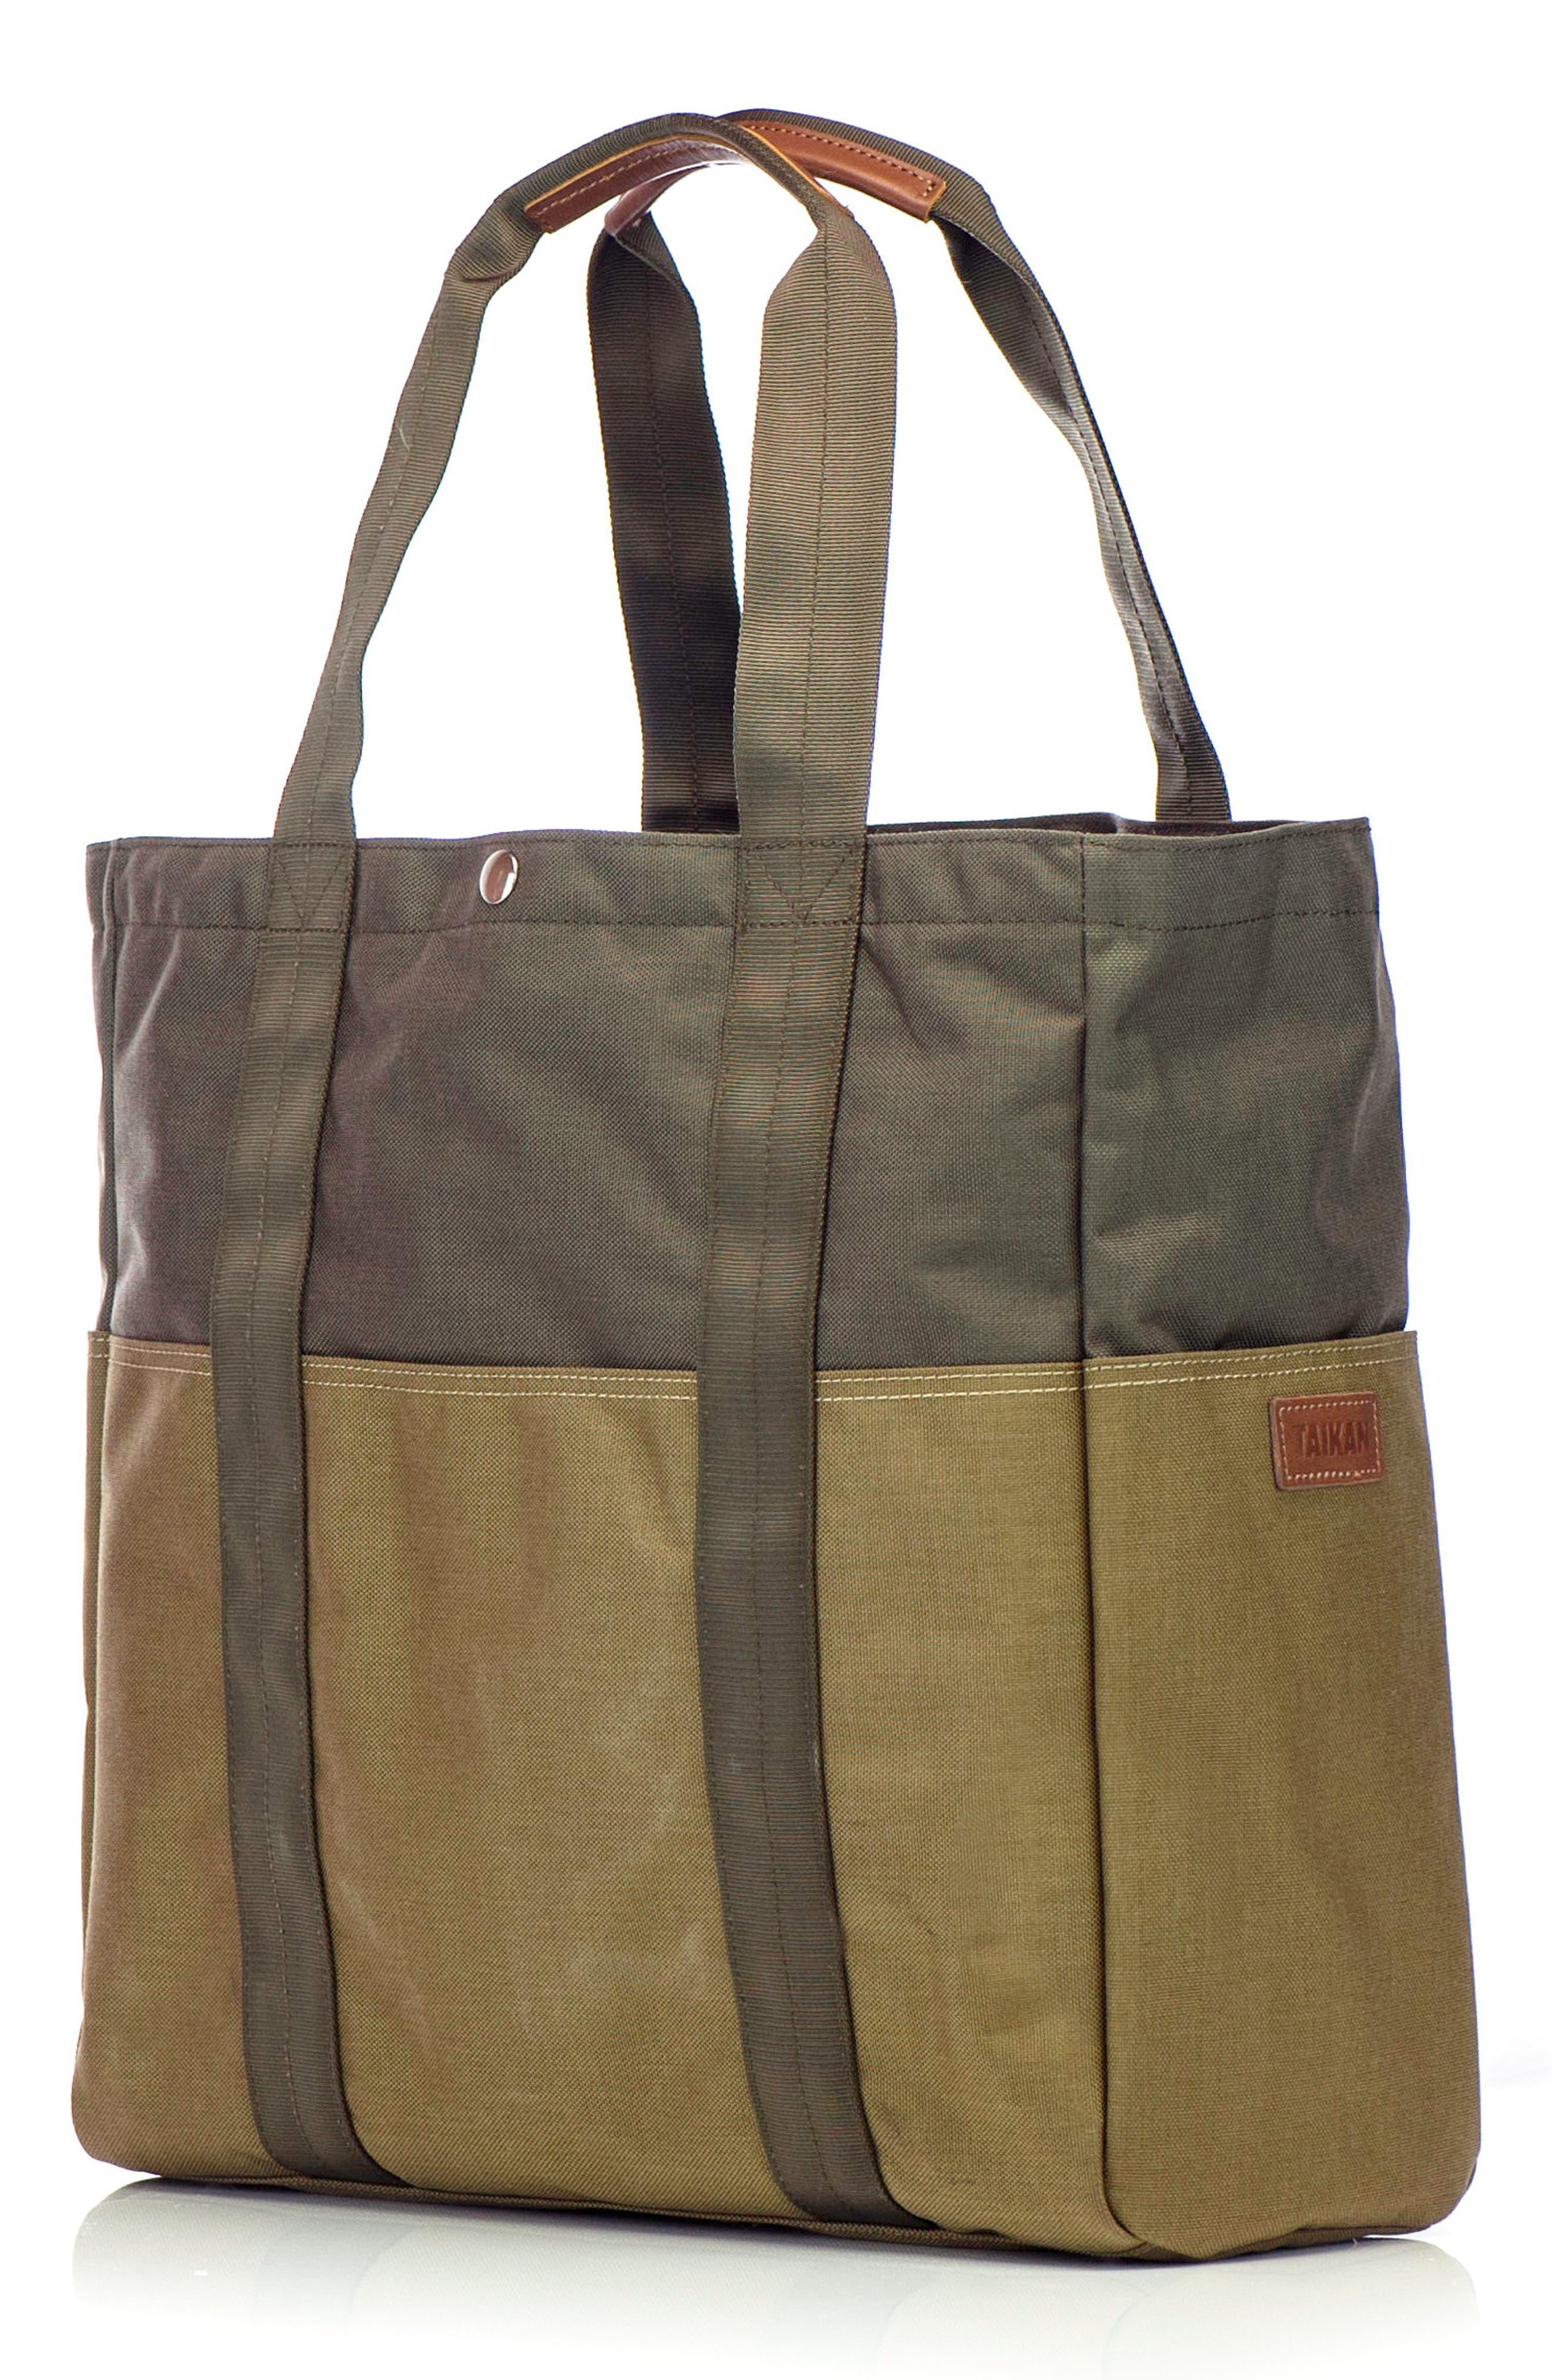 Alternate Image 2  - Taikan Sherpa Tote Bag